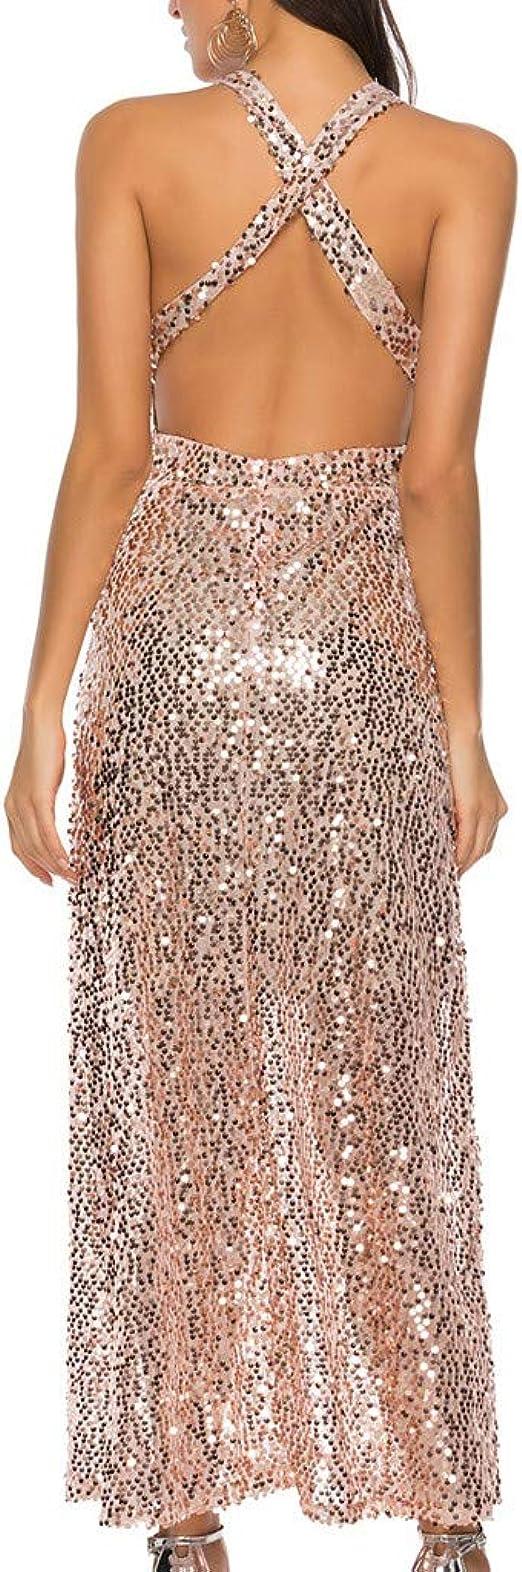 Mayogo Damen Festliche Kleider Ohne Armel Glitzer Halfter Kleid Abendkleider Cocktailkleid Partykleid Ruckenfrei Amazon De Bekleidung